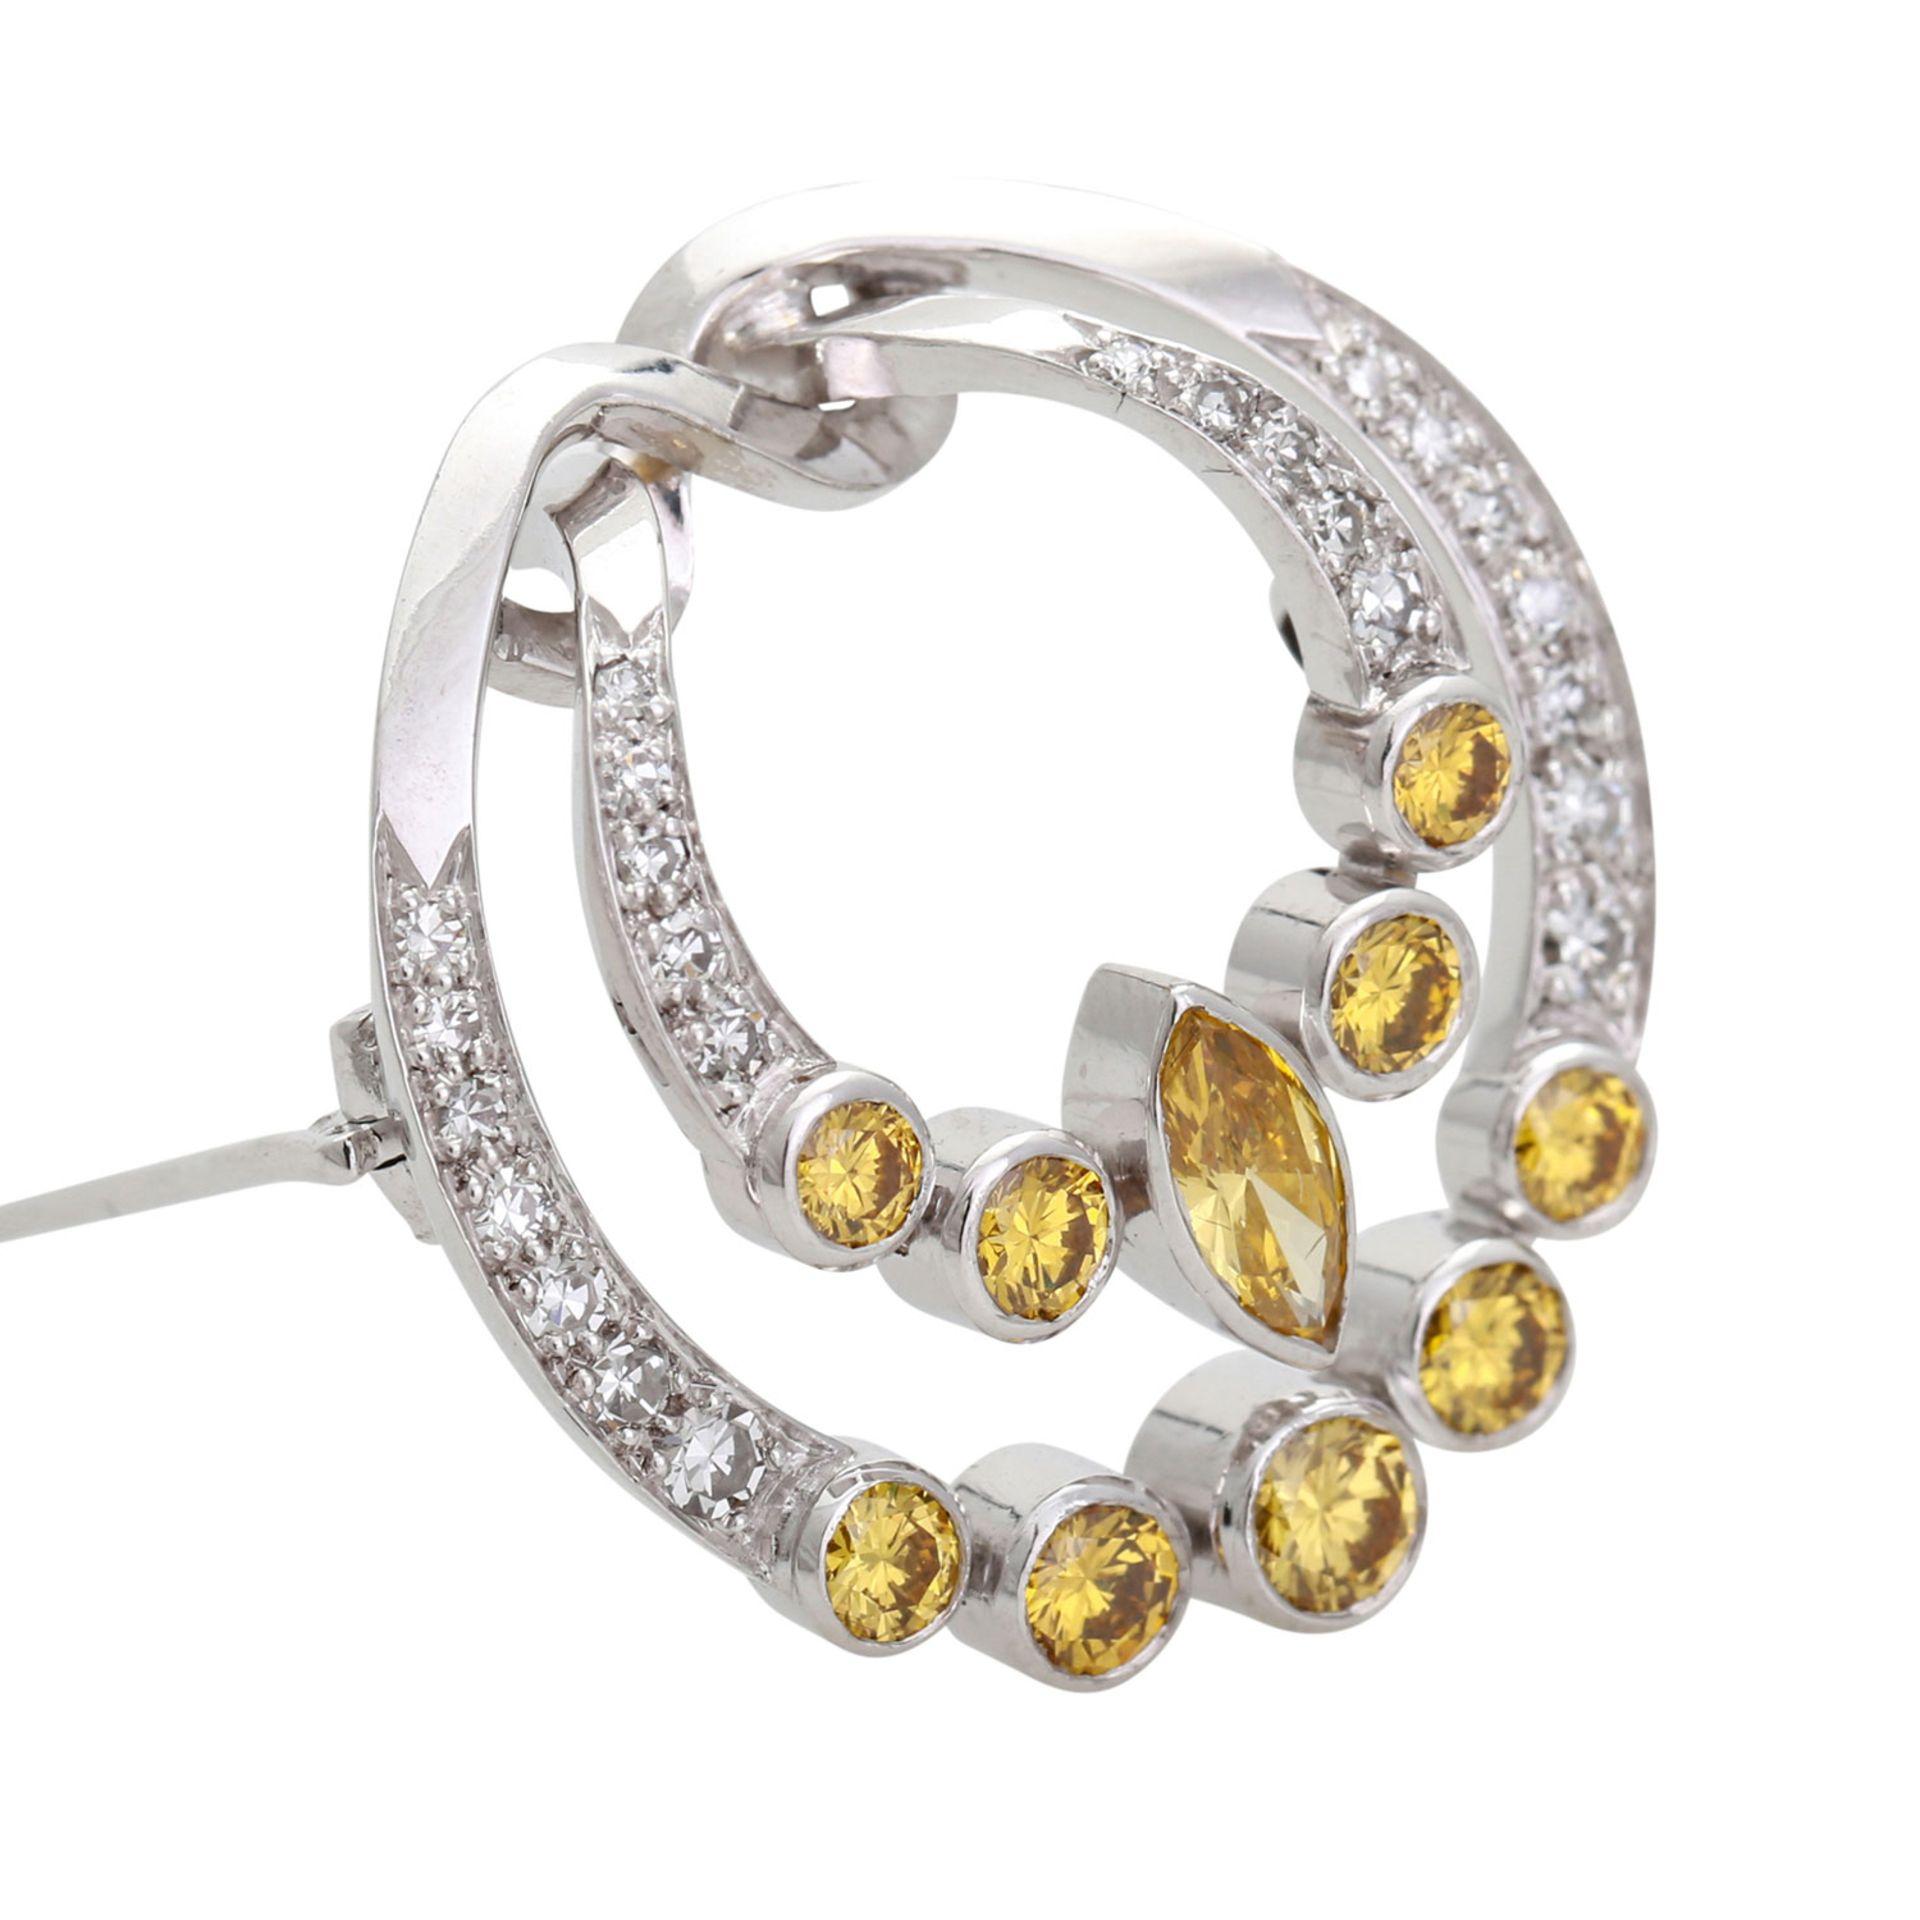 Los 21 - Brosche mit fancy gelben u. weißen Diamanten. WG 18K, in Form einer Fibel, 9 Brillanten u. 1 Diamant